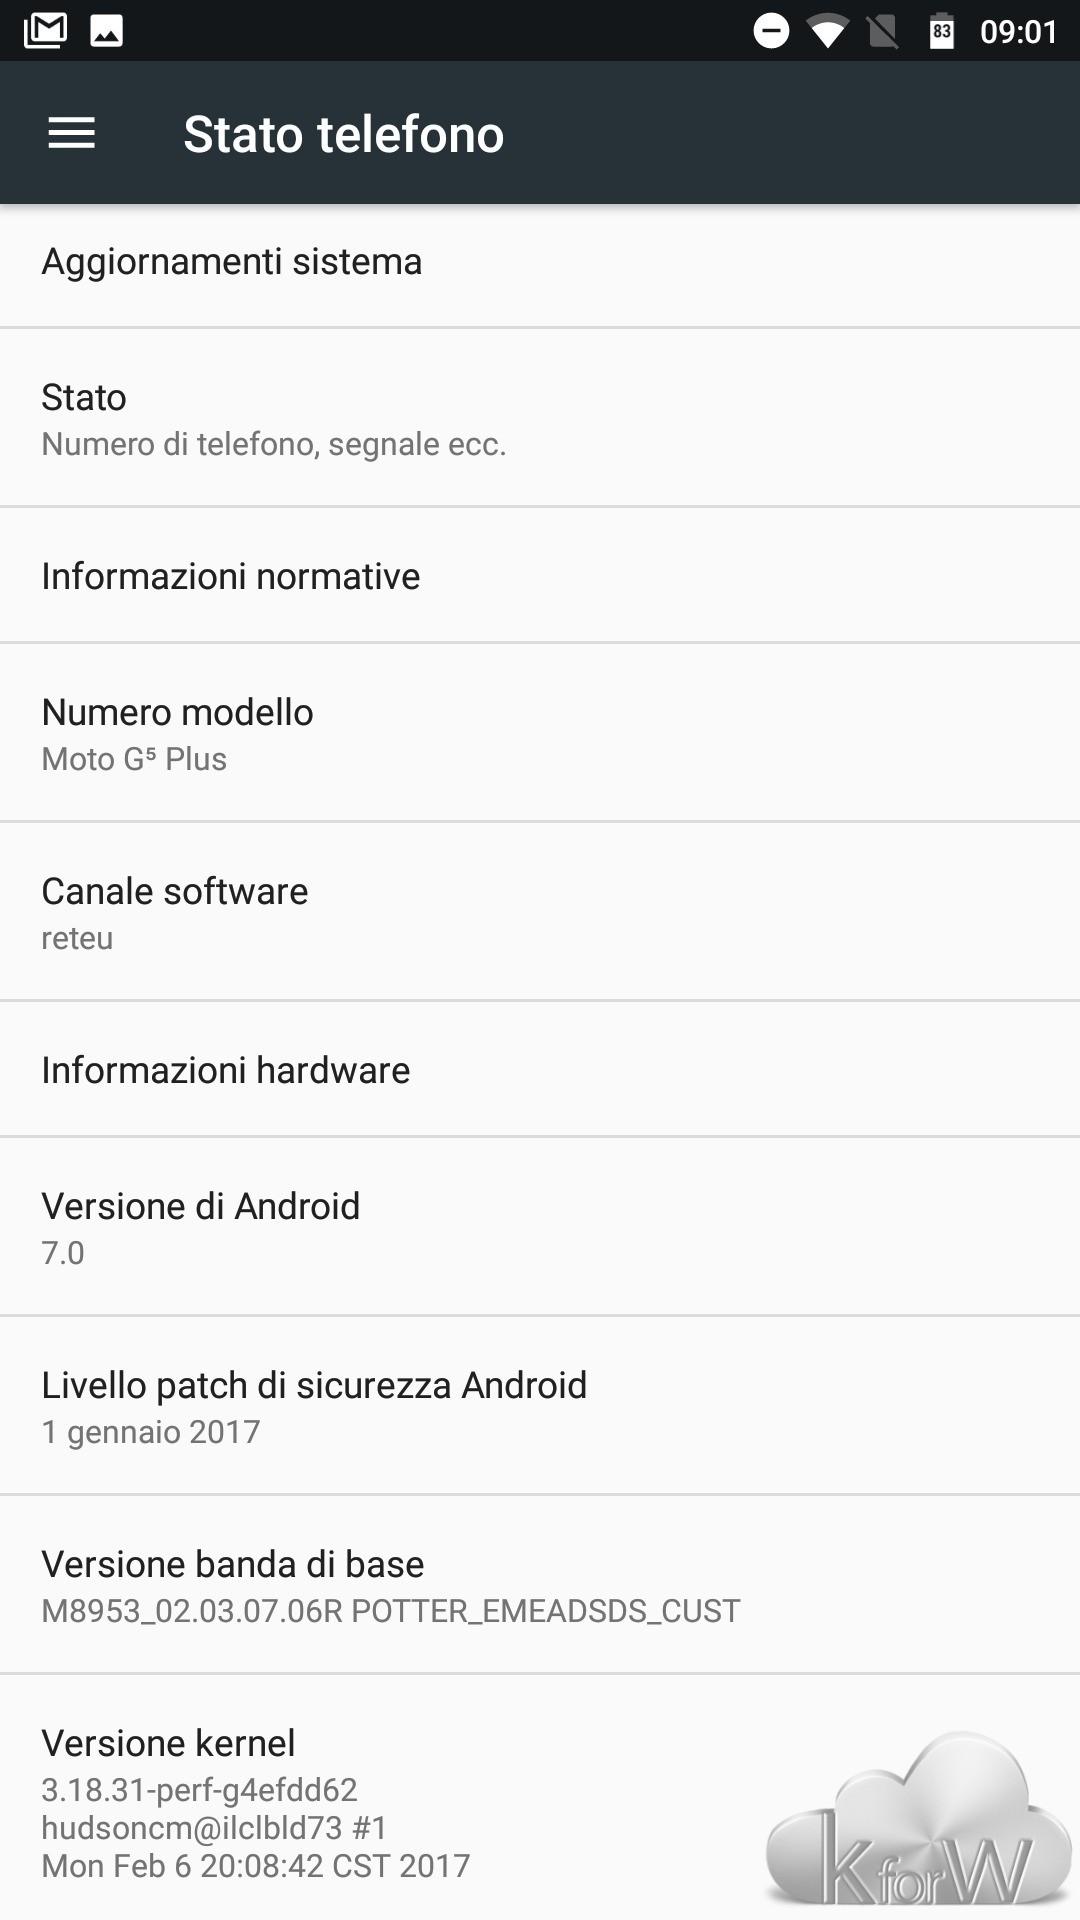 Lenovo Moto G5 Plus: è di nuovo #MeglioMotoG? Ecco la nostra recensione completa